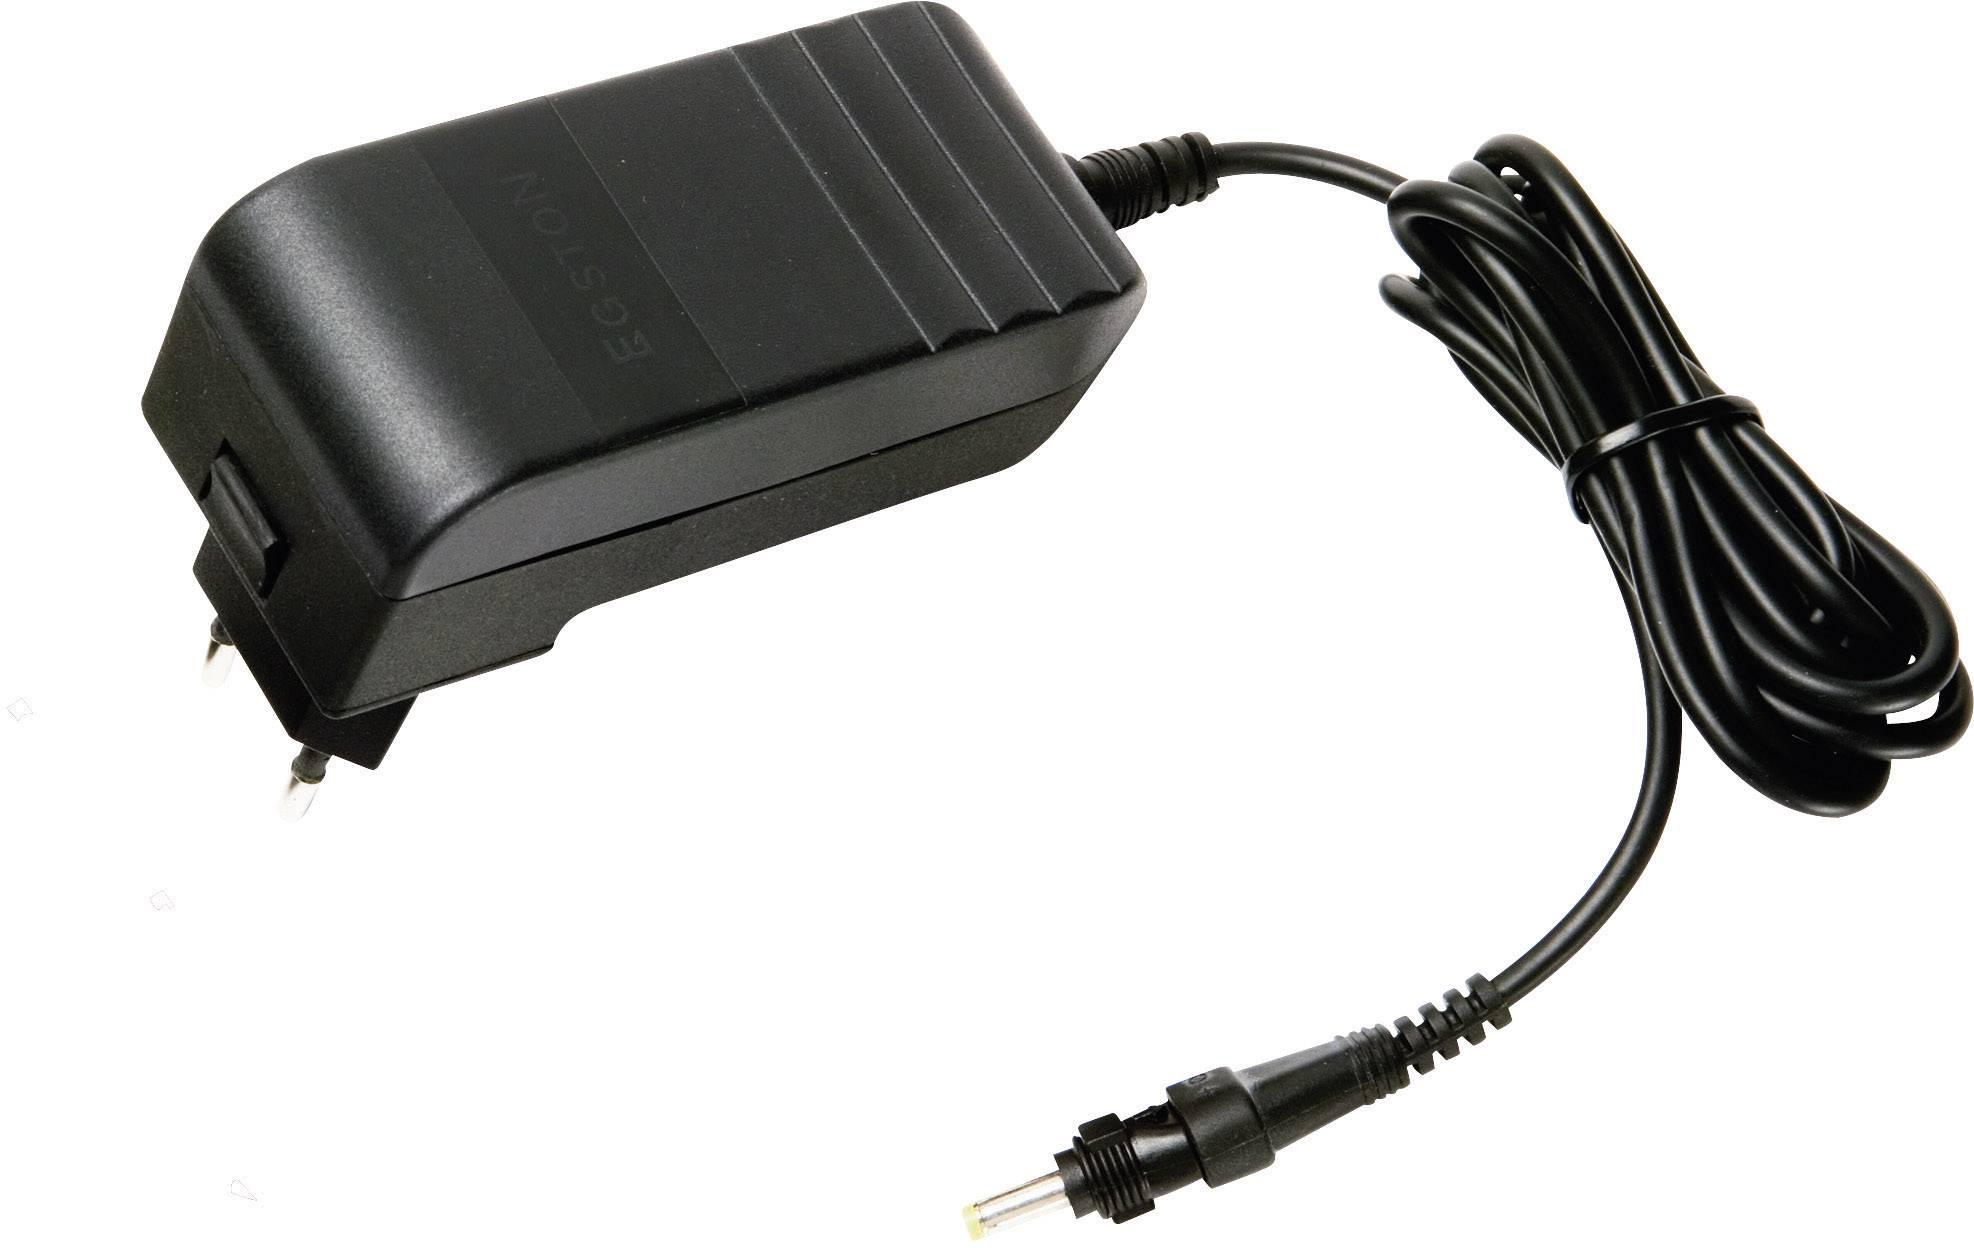 Zásuvkový adaptér so stálym napätím Egston 003920227, 30 W, 1670 mA